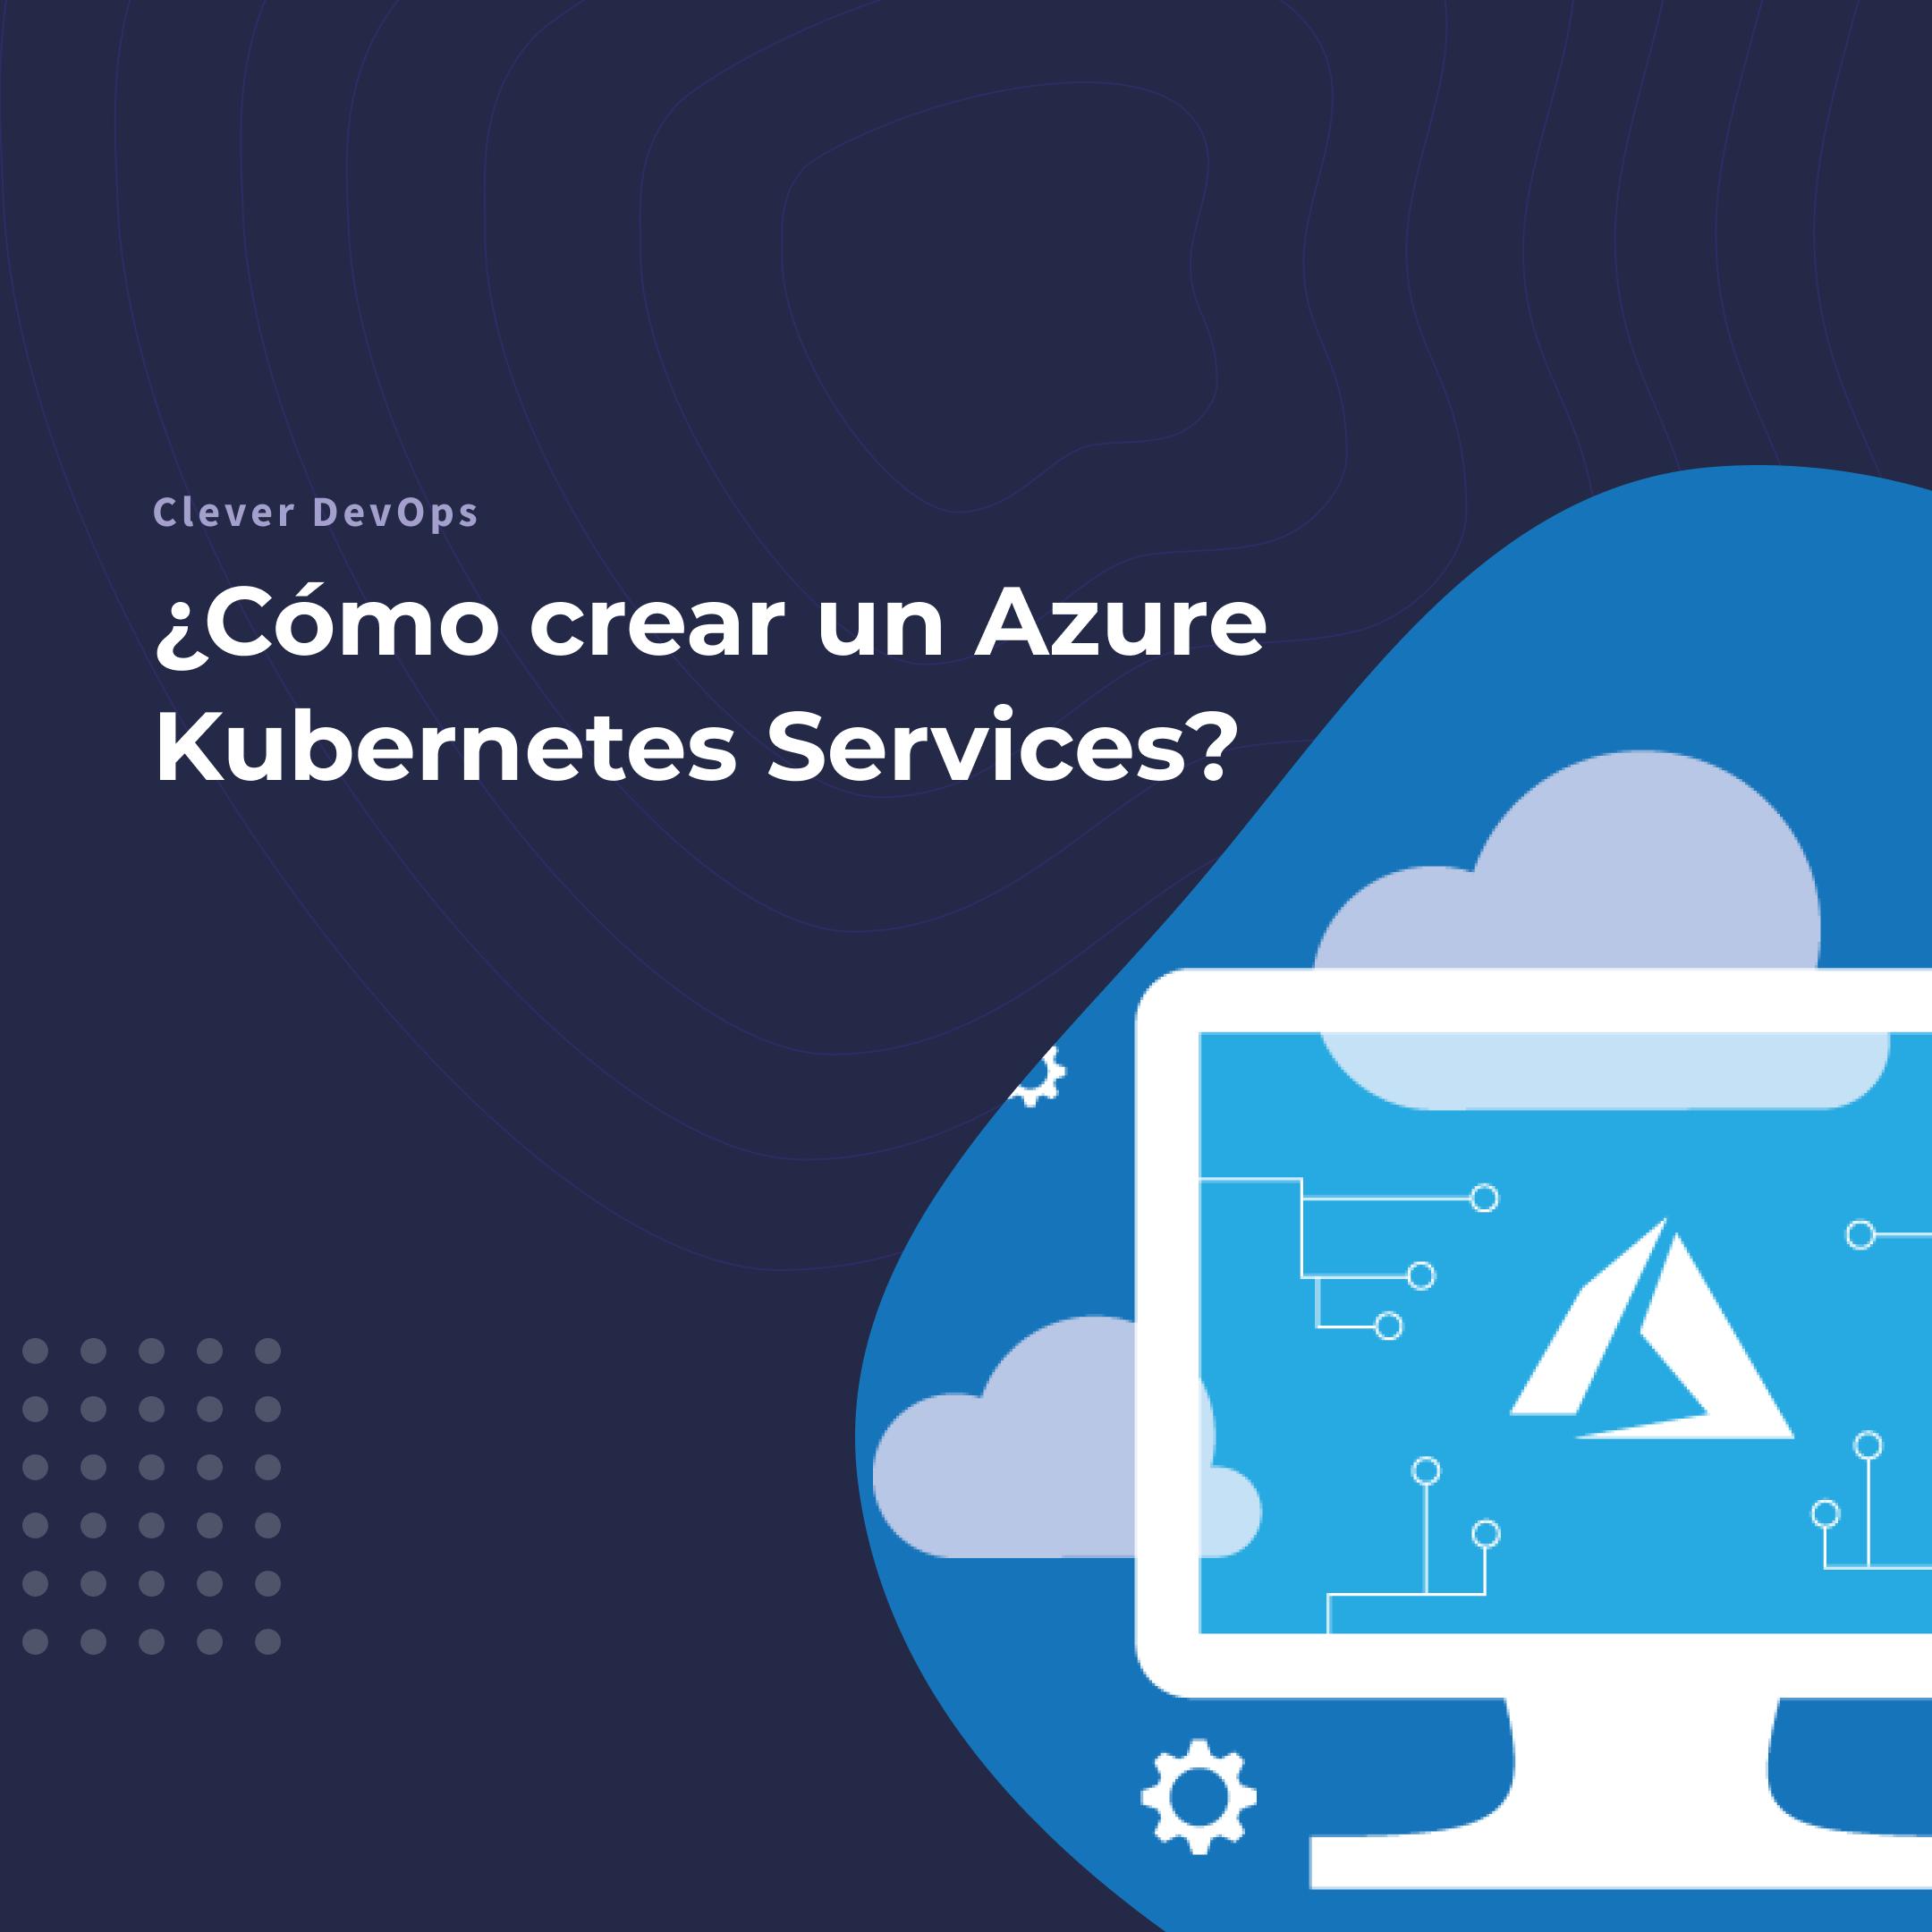 ¿Cómo crear un Azure Kubernetes Services?